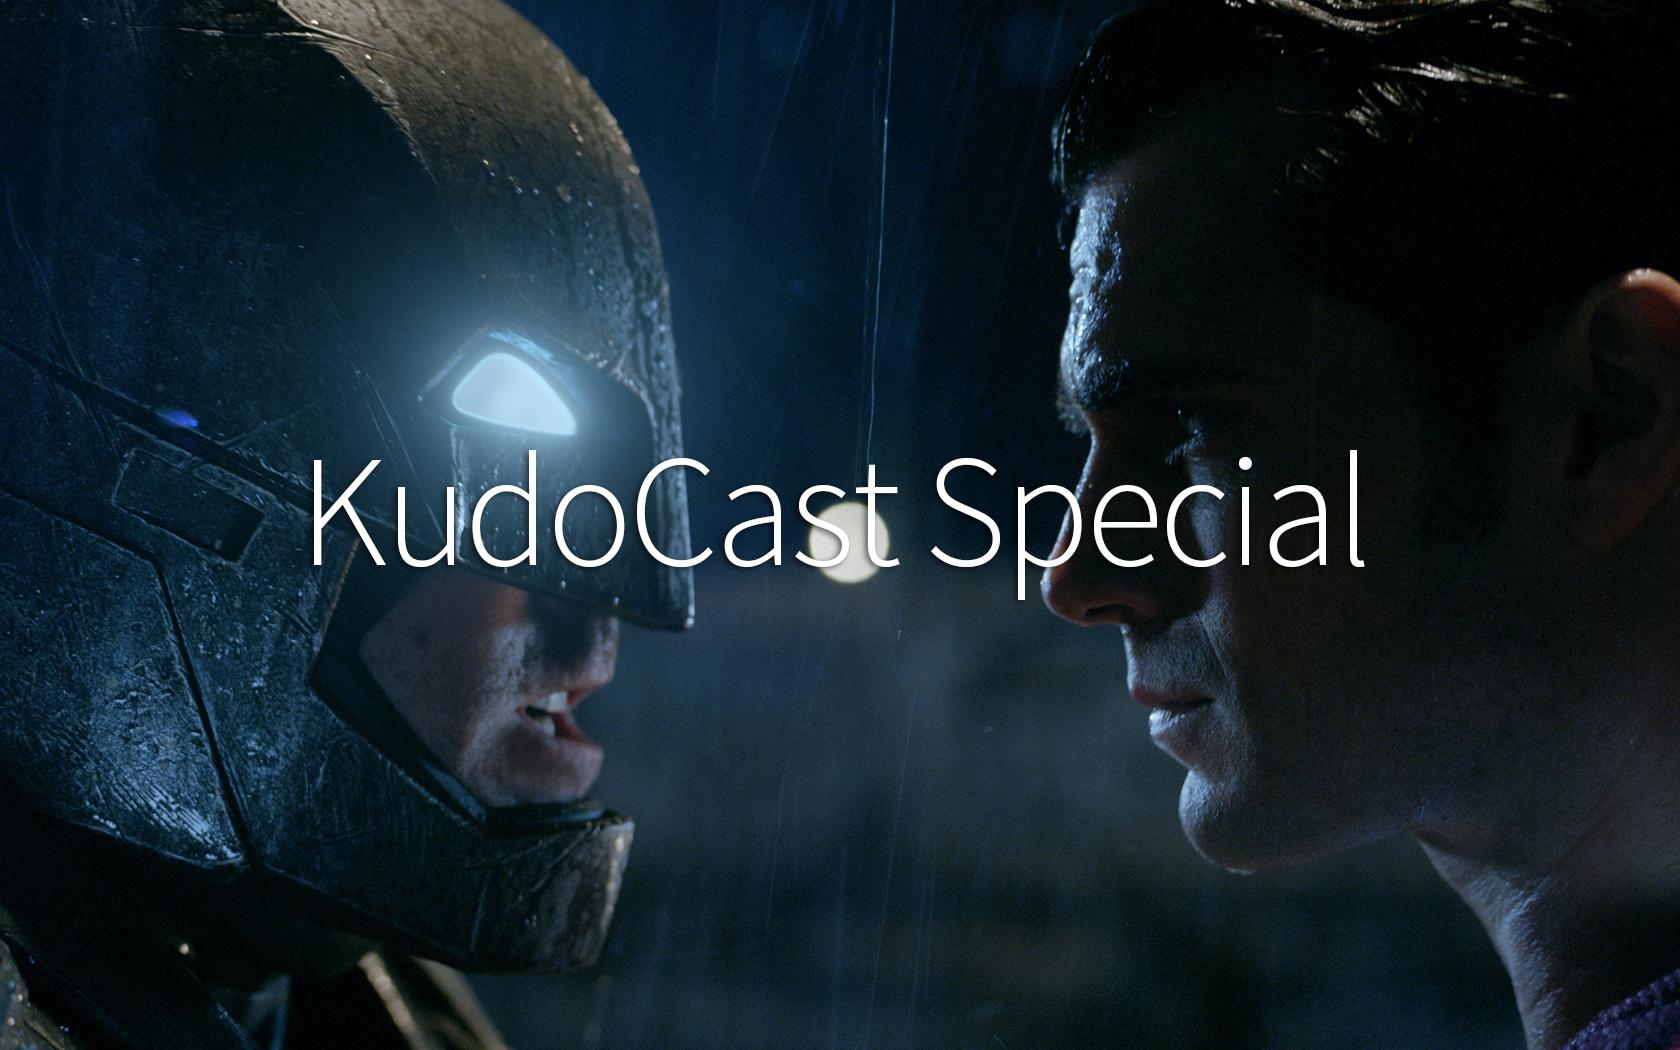 KudoCast_Special_BvS.jpg